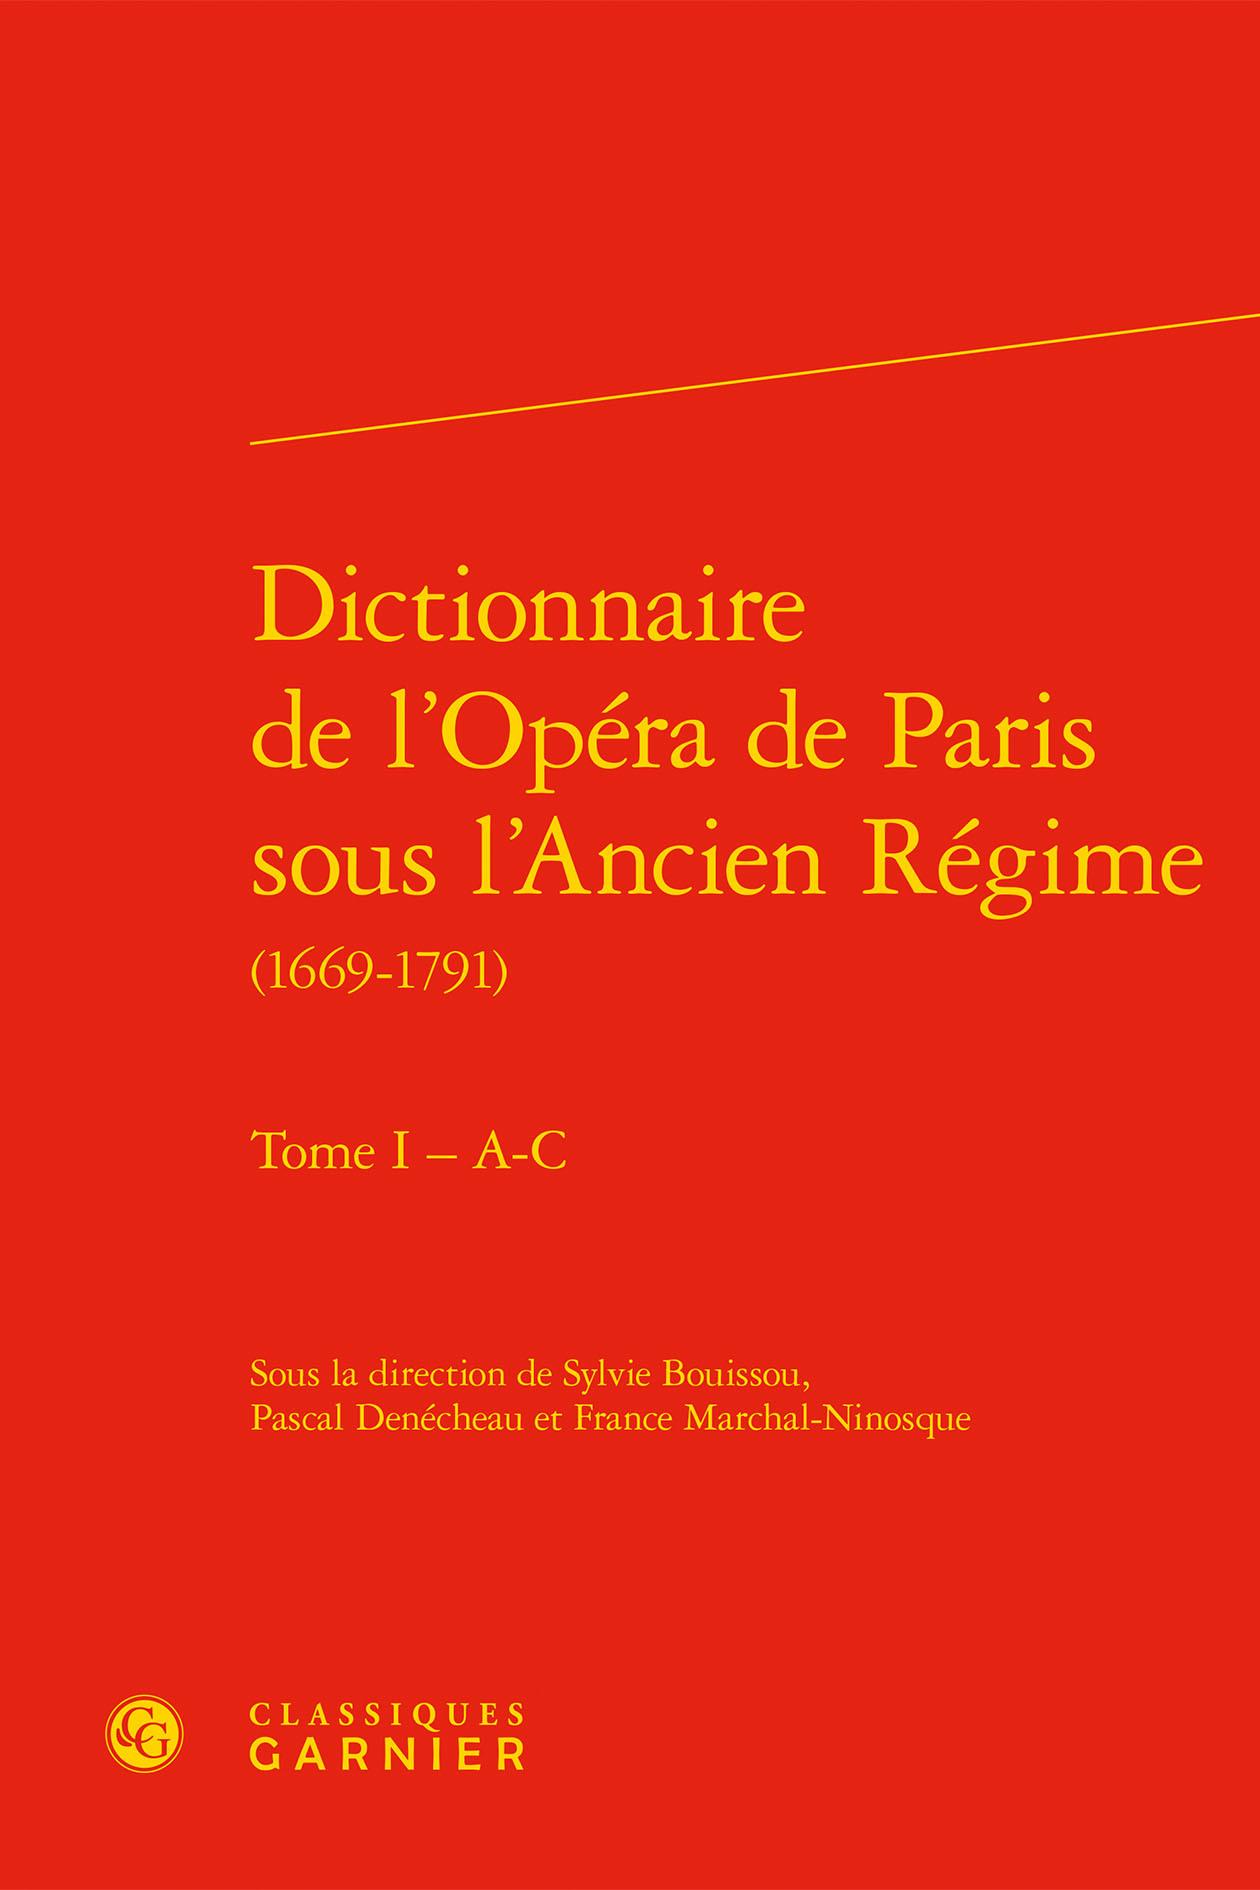 DICTIONNAIRES ET SYNTHESES - T14 - DICTIONNAIRE DE L'OPERA DE PARIS SOUS L'ANCIEN REGIME - TOME I -